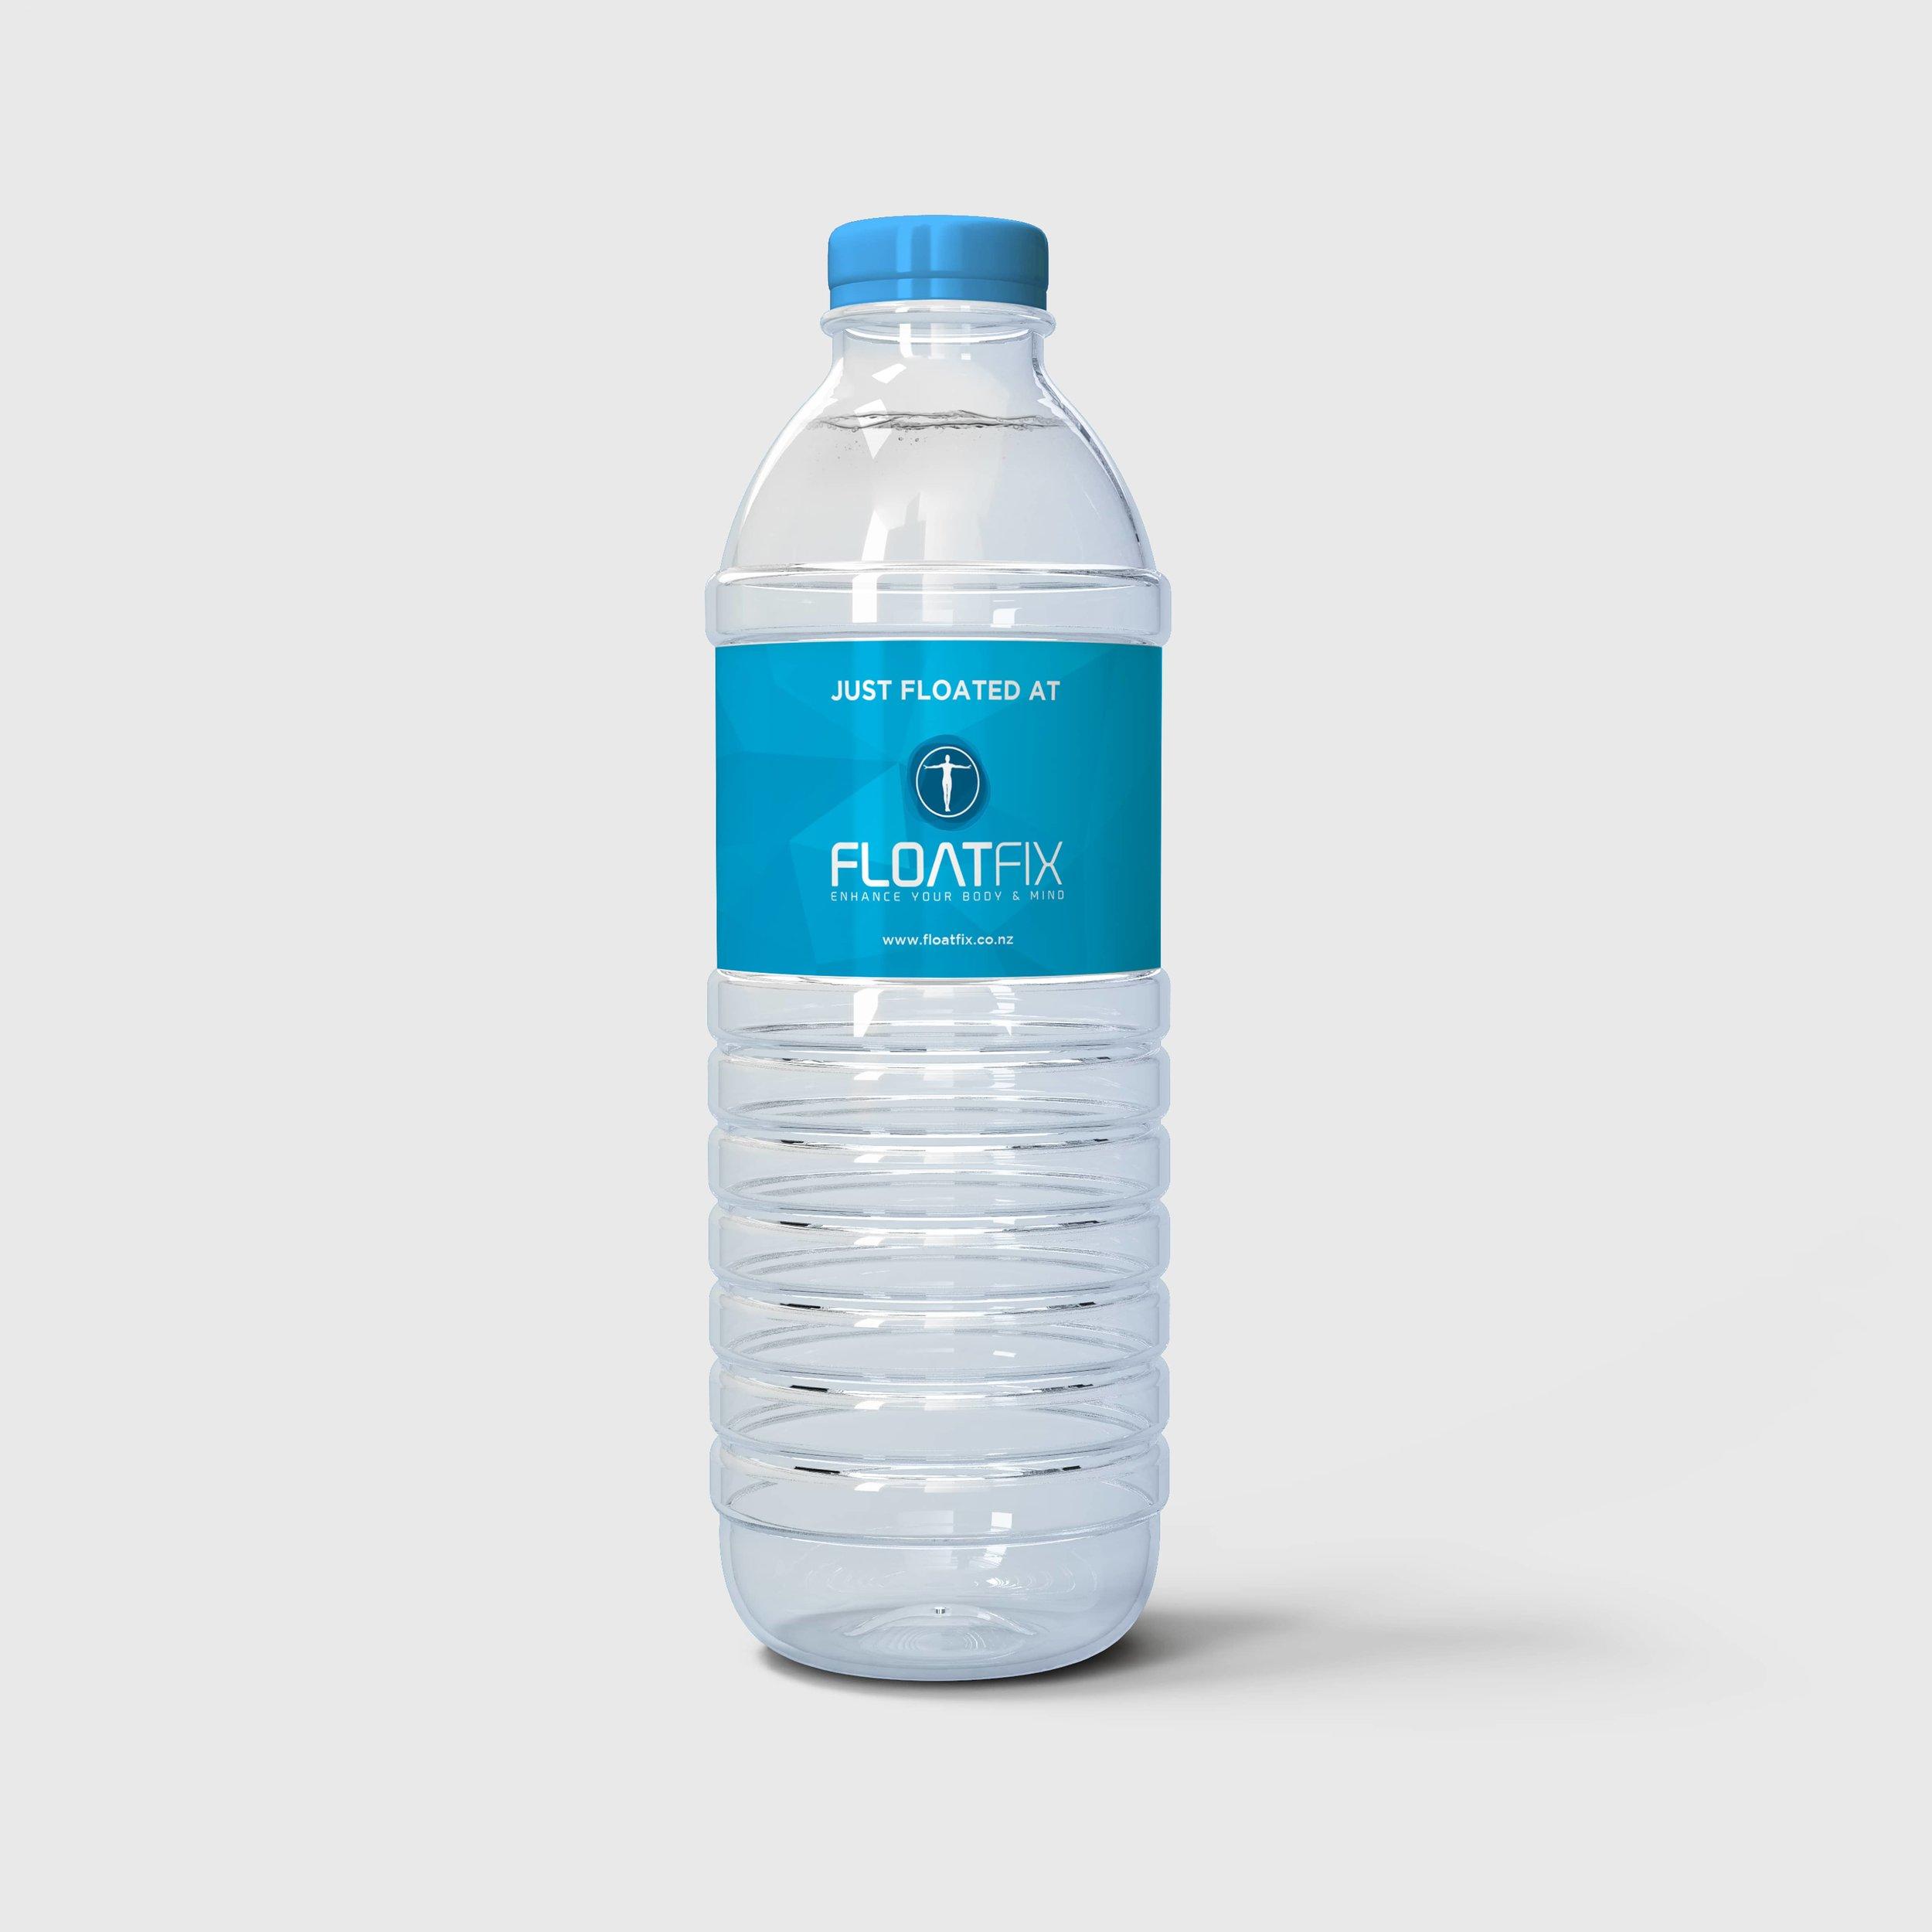 Floatfix Bottle Label (square)-min.jpg